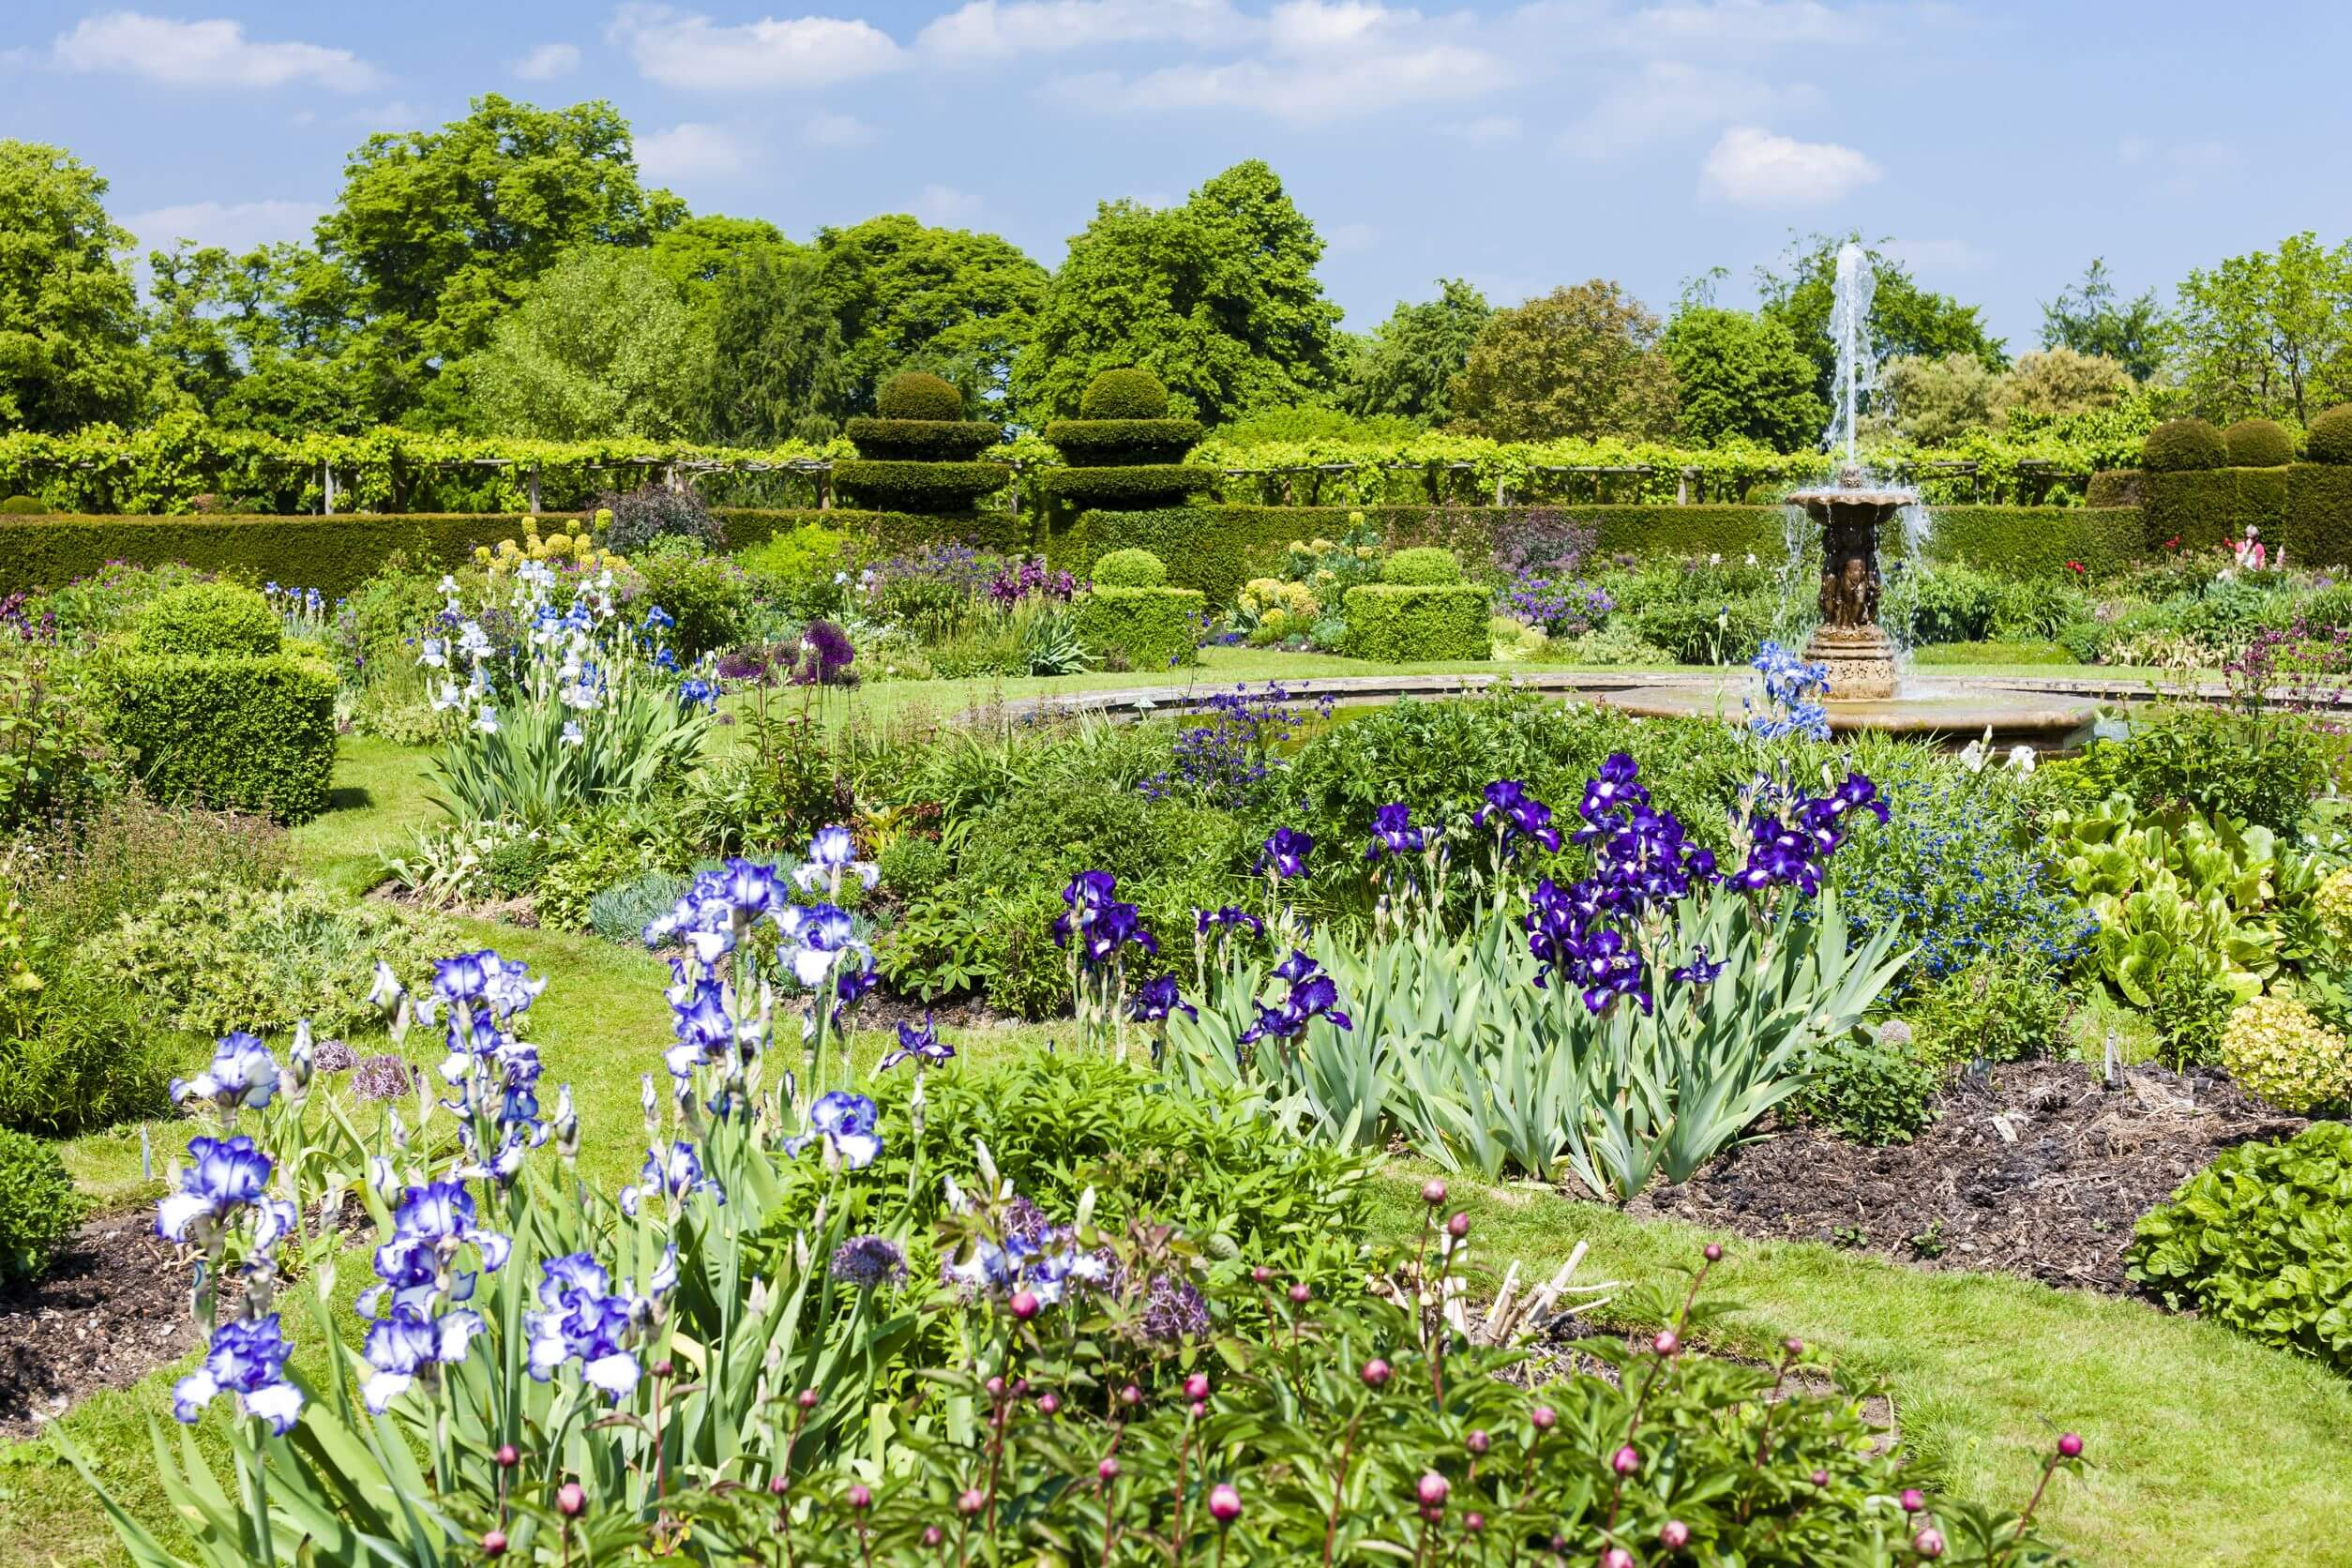 garden of hatfield house, hertfordshire, england